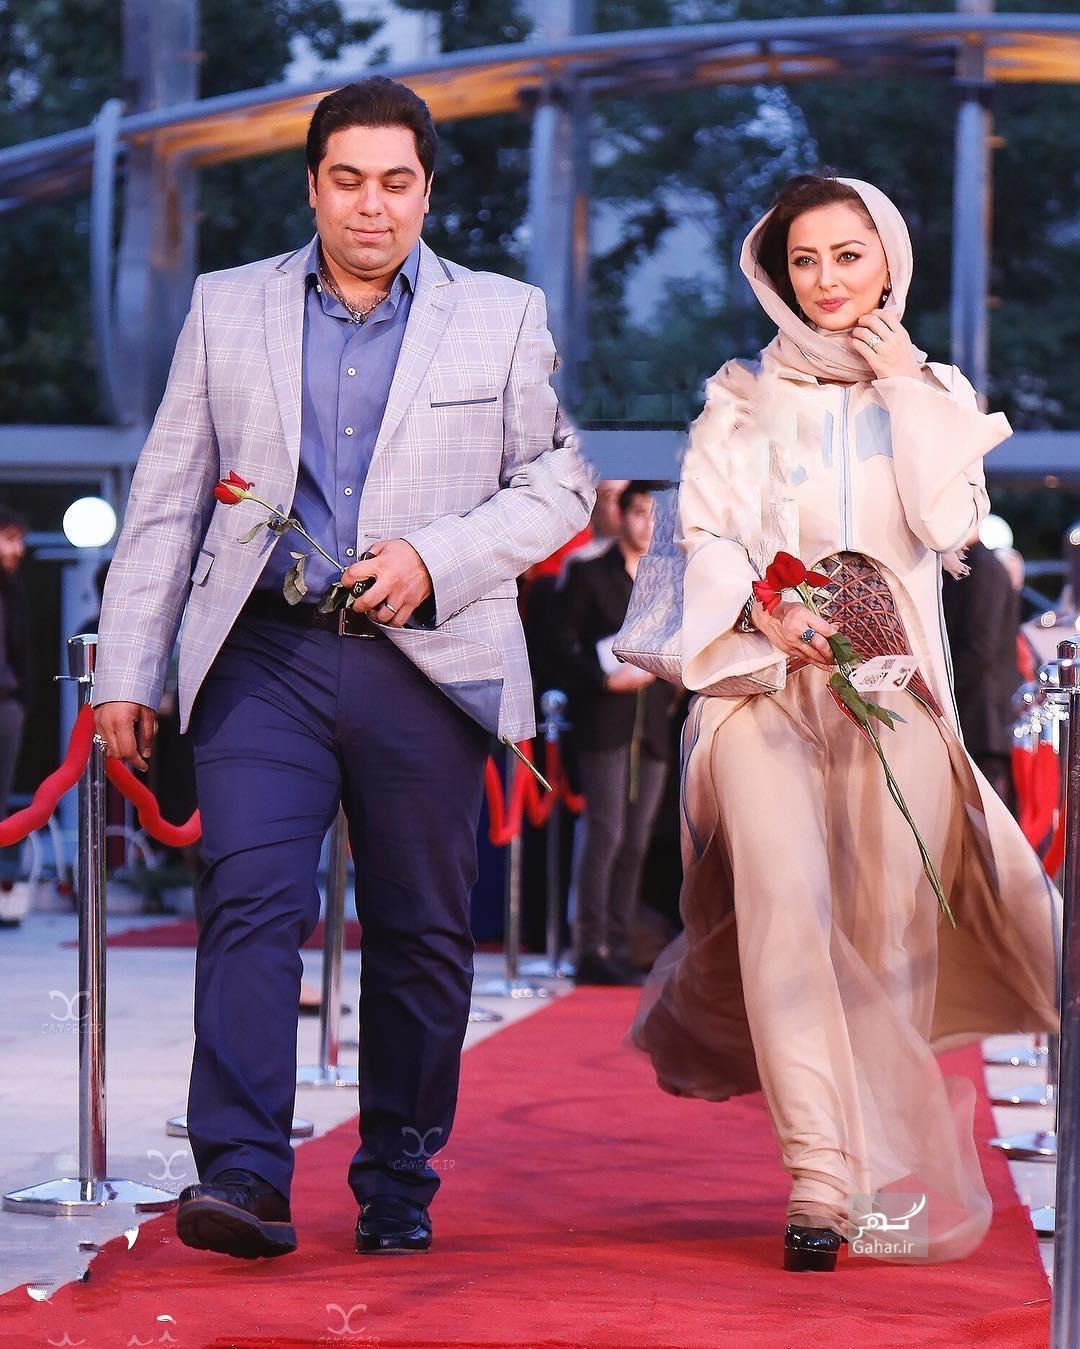 1469356178 عکس های بازیگران و همسرانشان در شانزدهمین جشن حافظ 95